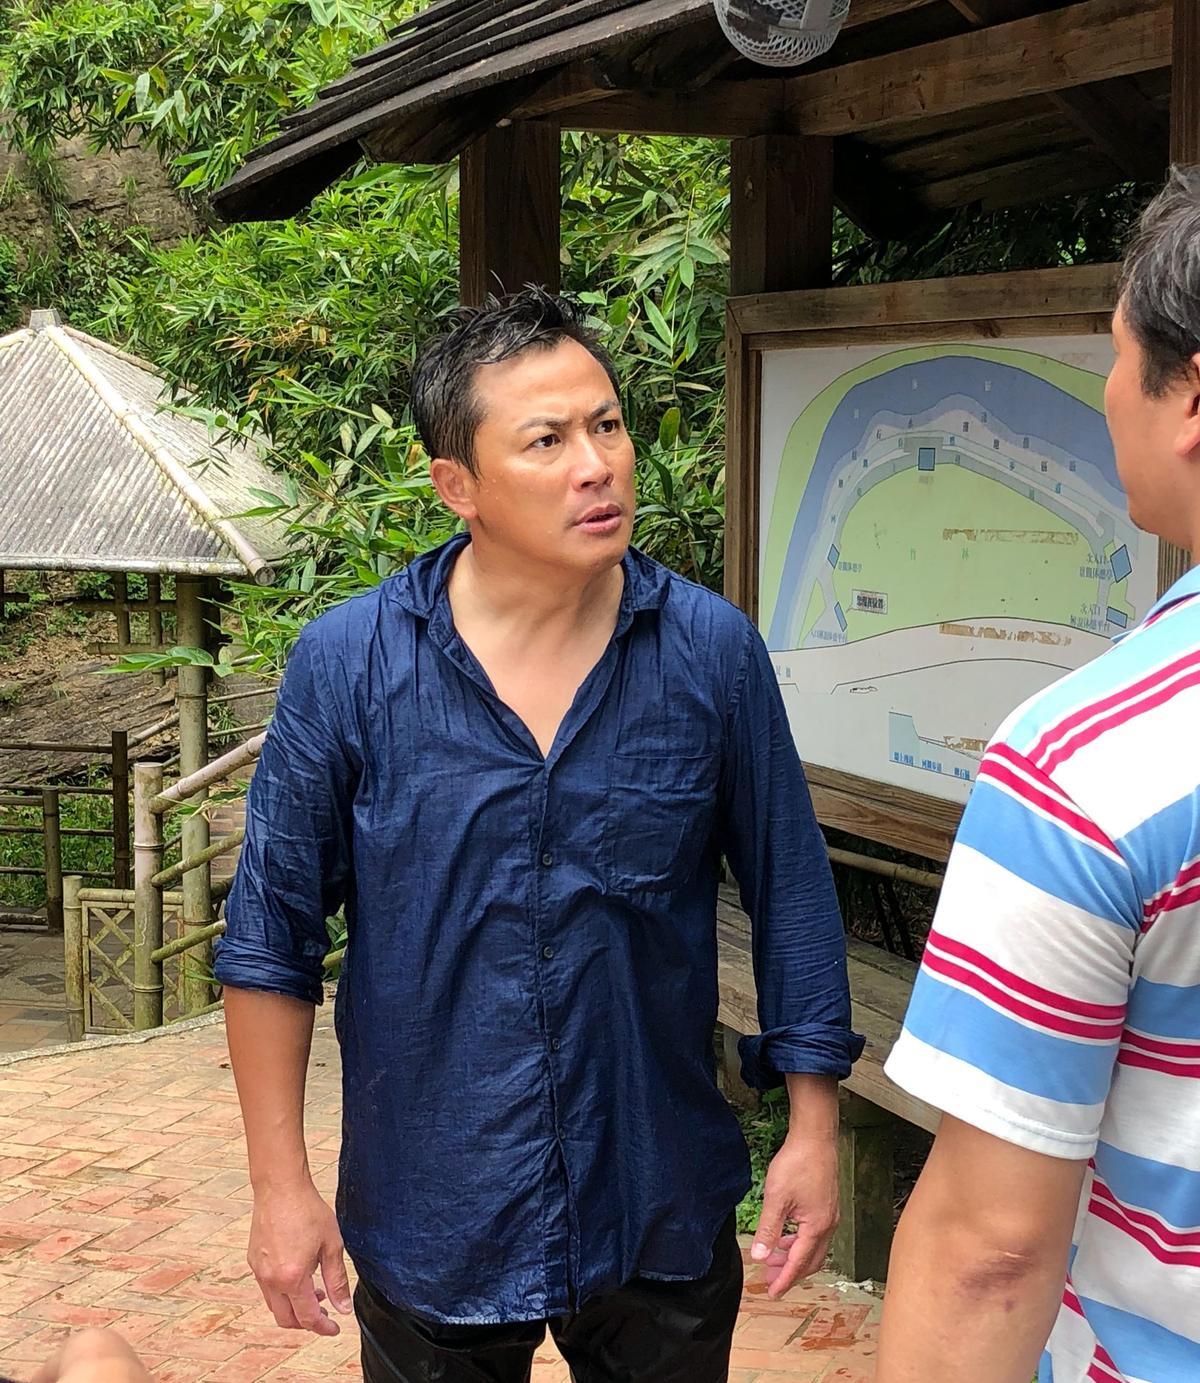 江宏恩演出落水戲,變得很狼狽。